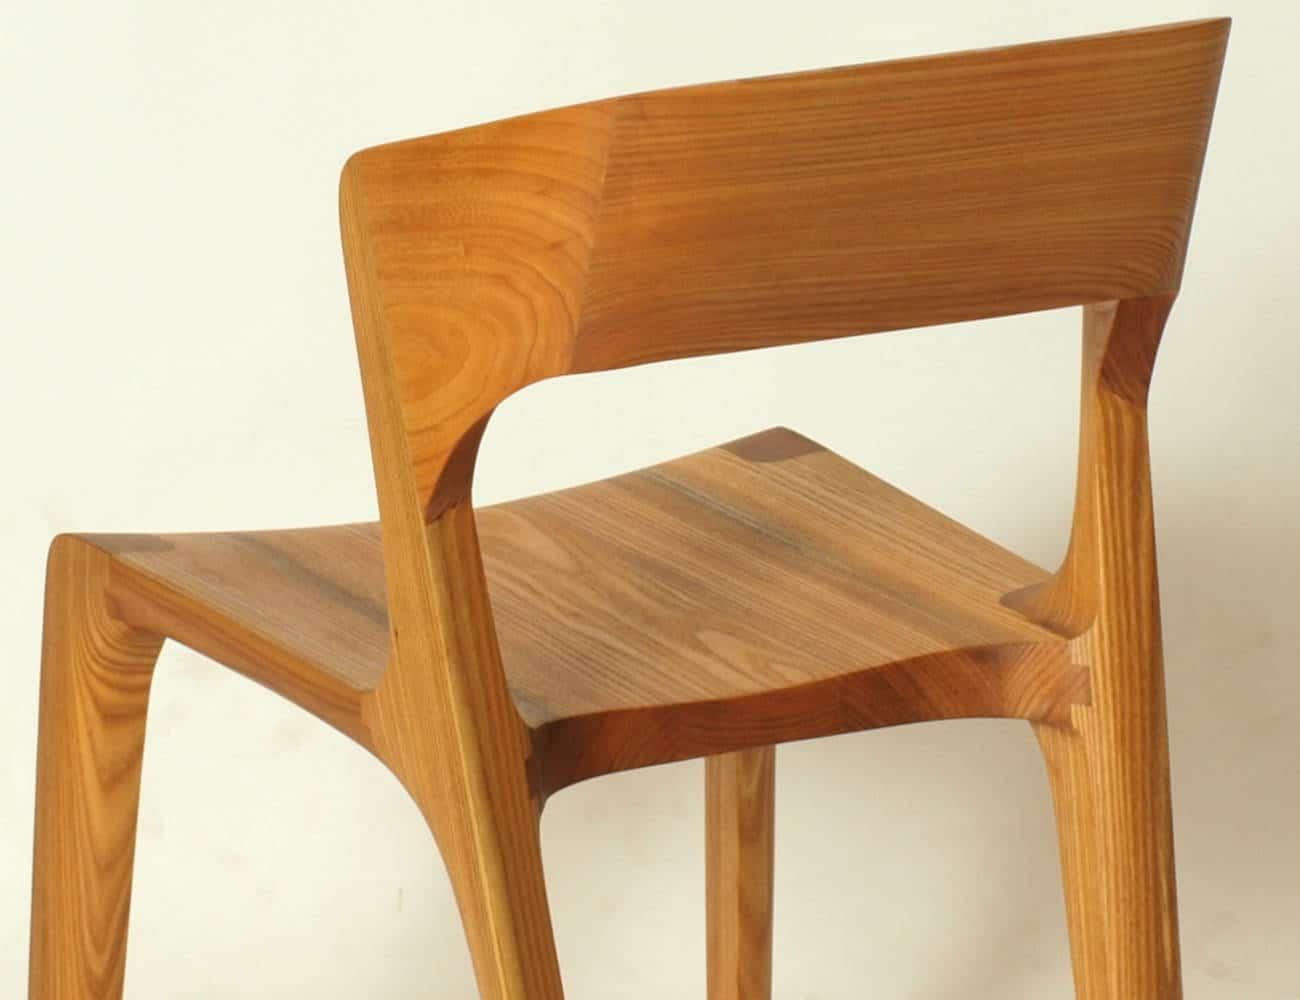 Stuhl aus Holz, Holzart Ruester oder auch Ulme